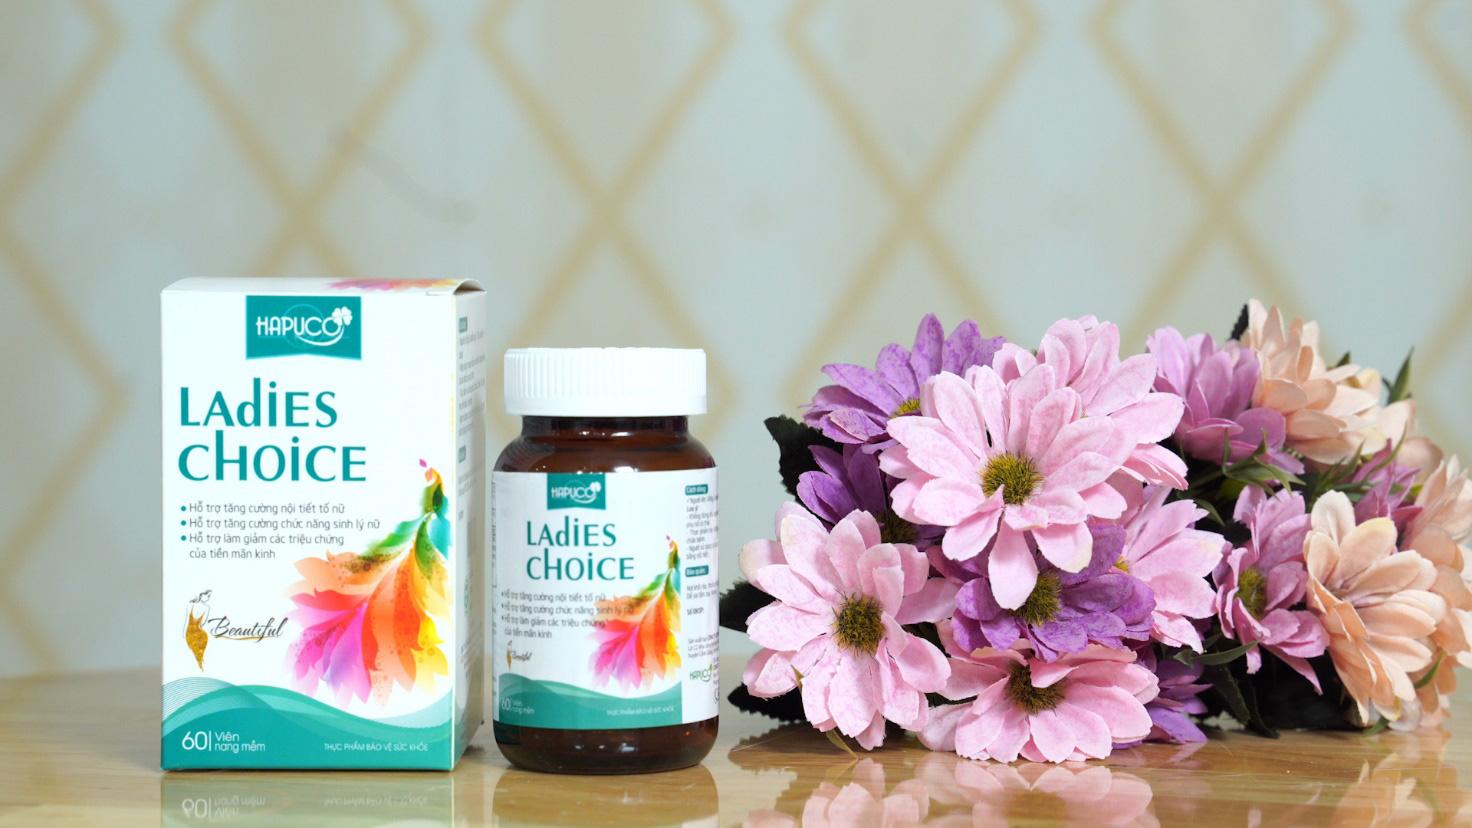 Thực phẩm bảo vệ sức khoẻ Ladies Choice – Bí kíp giữ gìn sắc xuân dành cho phái đẹp tuổi tiền mãn kinh - Ảnh 1.